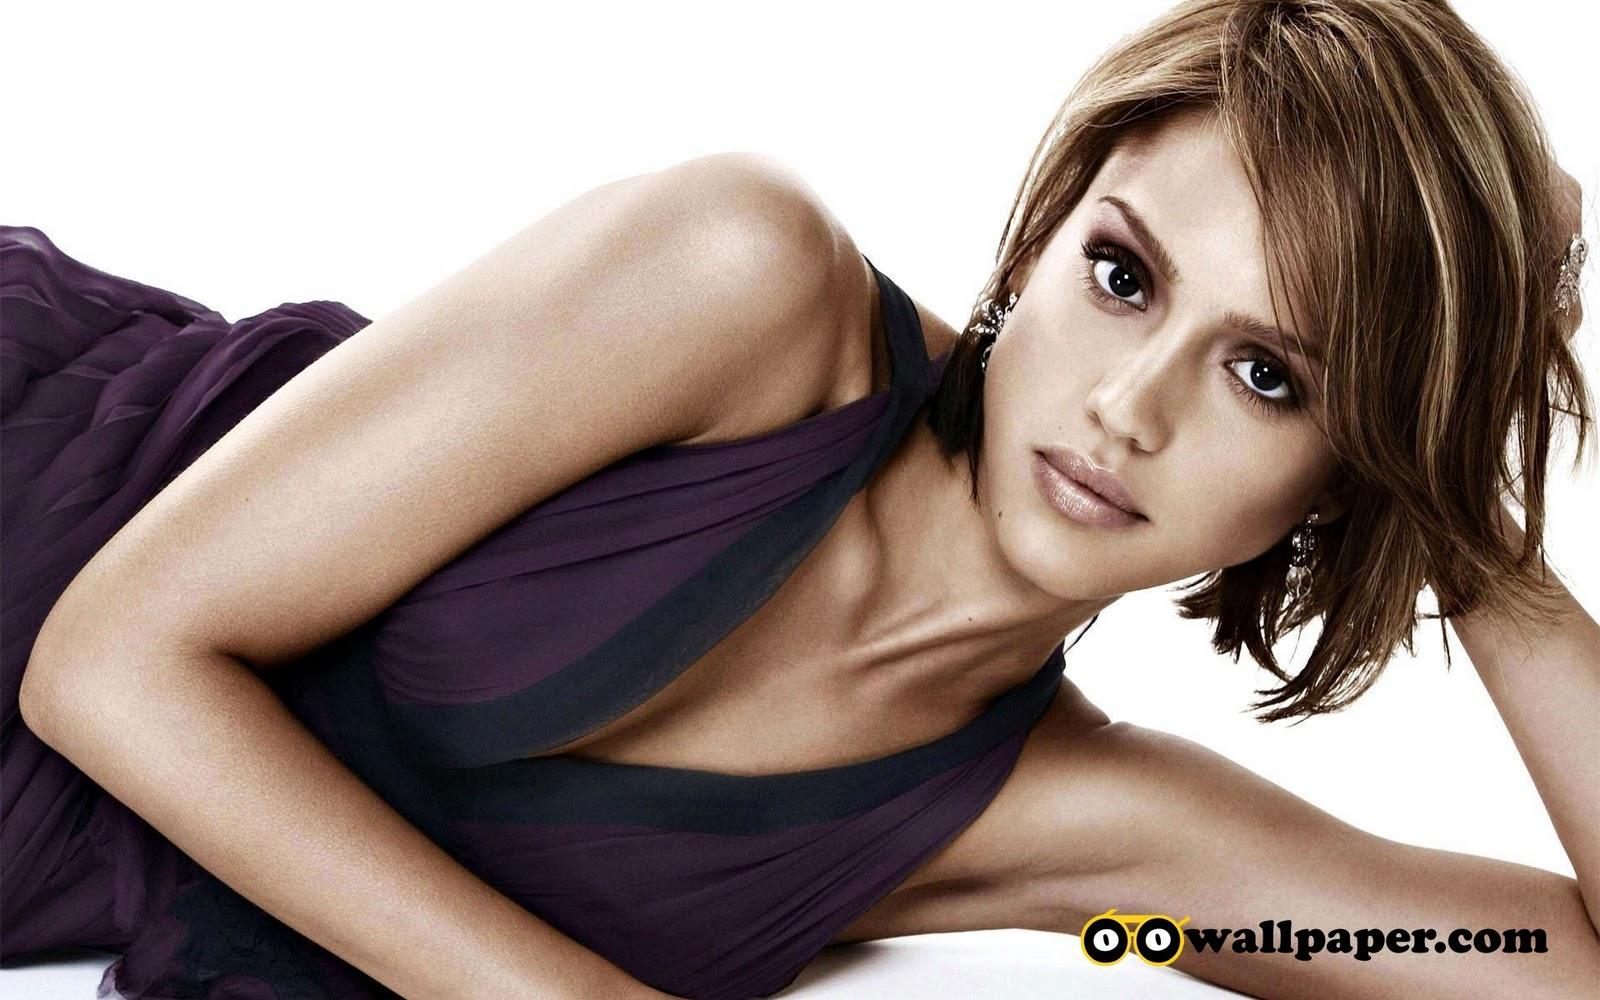 http://4.bp.blogspot.com/-EwmTJ5e-n2o/Twaqf3bSmnI/AAAAAAAAASs/R3ffxs2RDvI/s1600/oo_jessica+alba_001.jpg